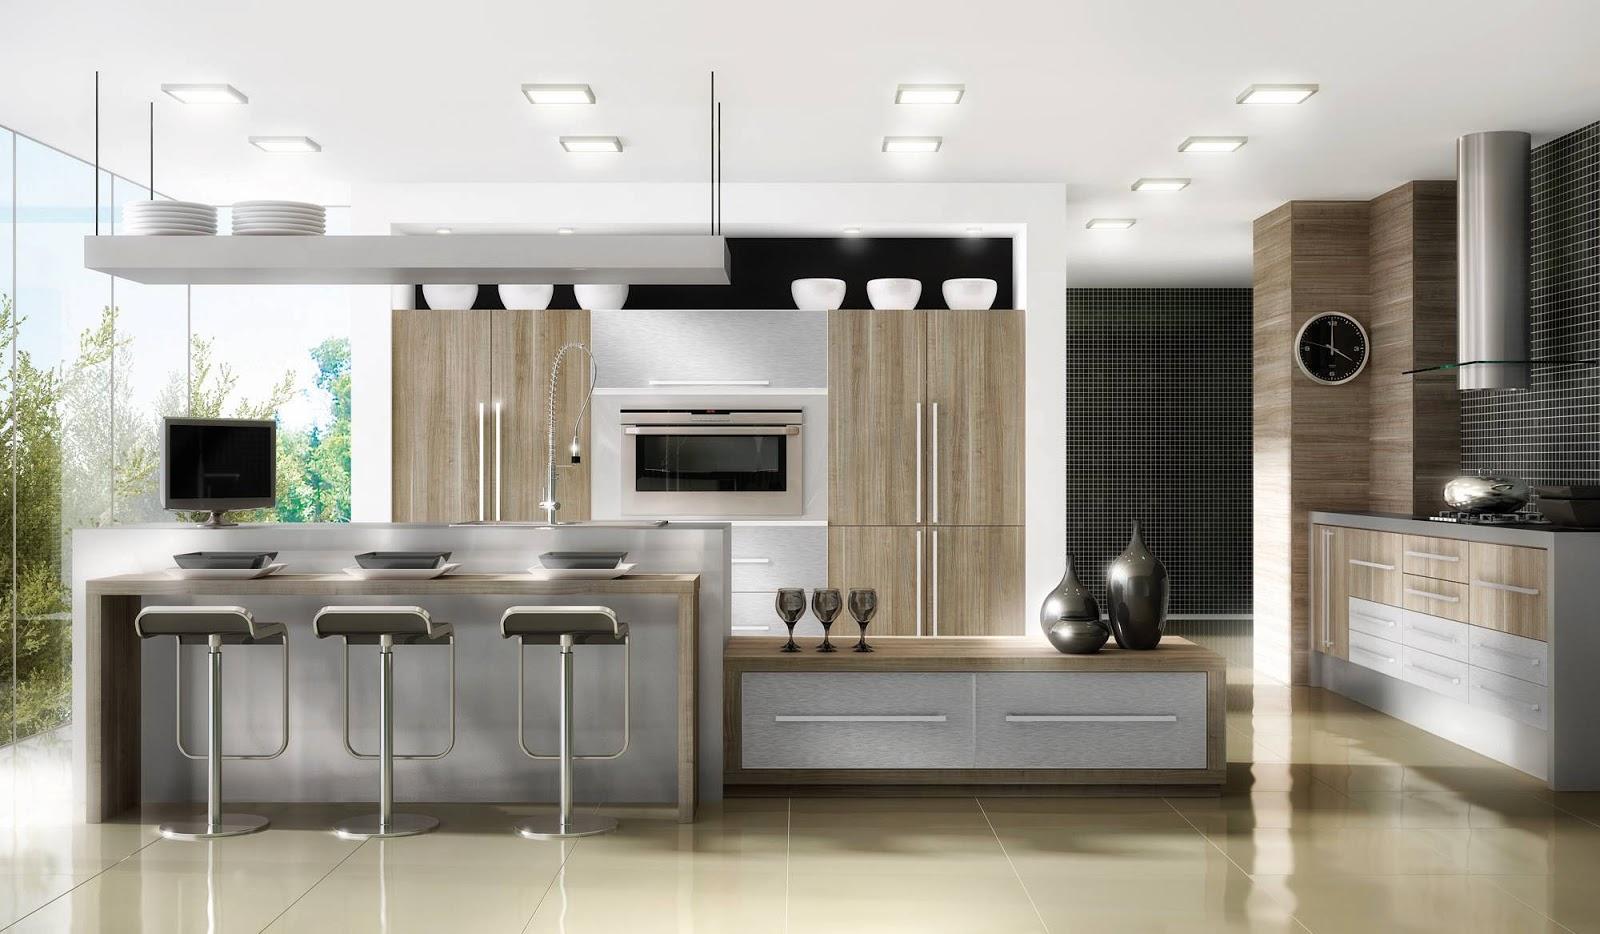 Architetare Ambientes Planejados: Cozinhas #408B73 1600 934